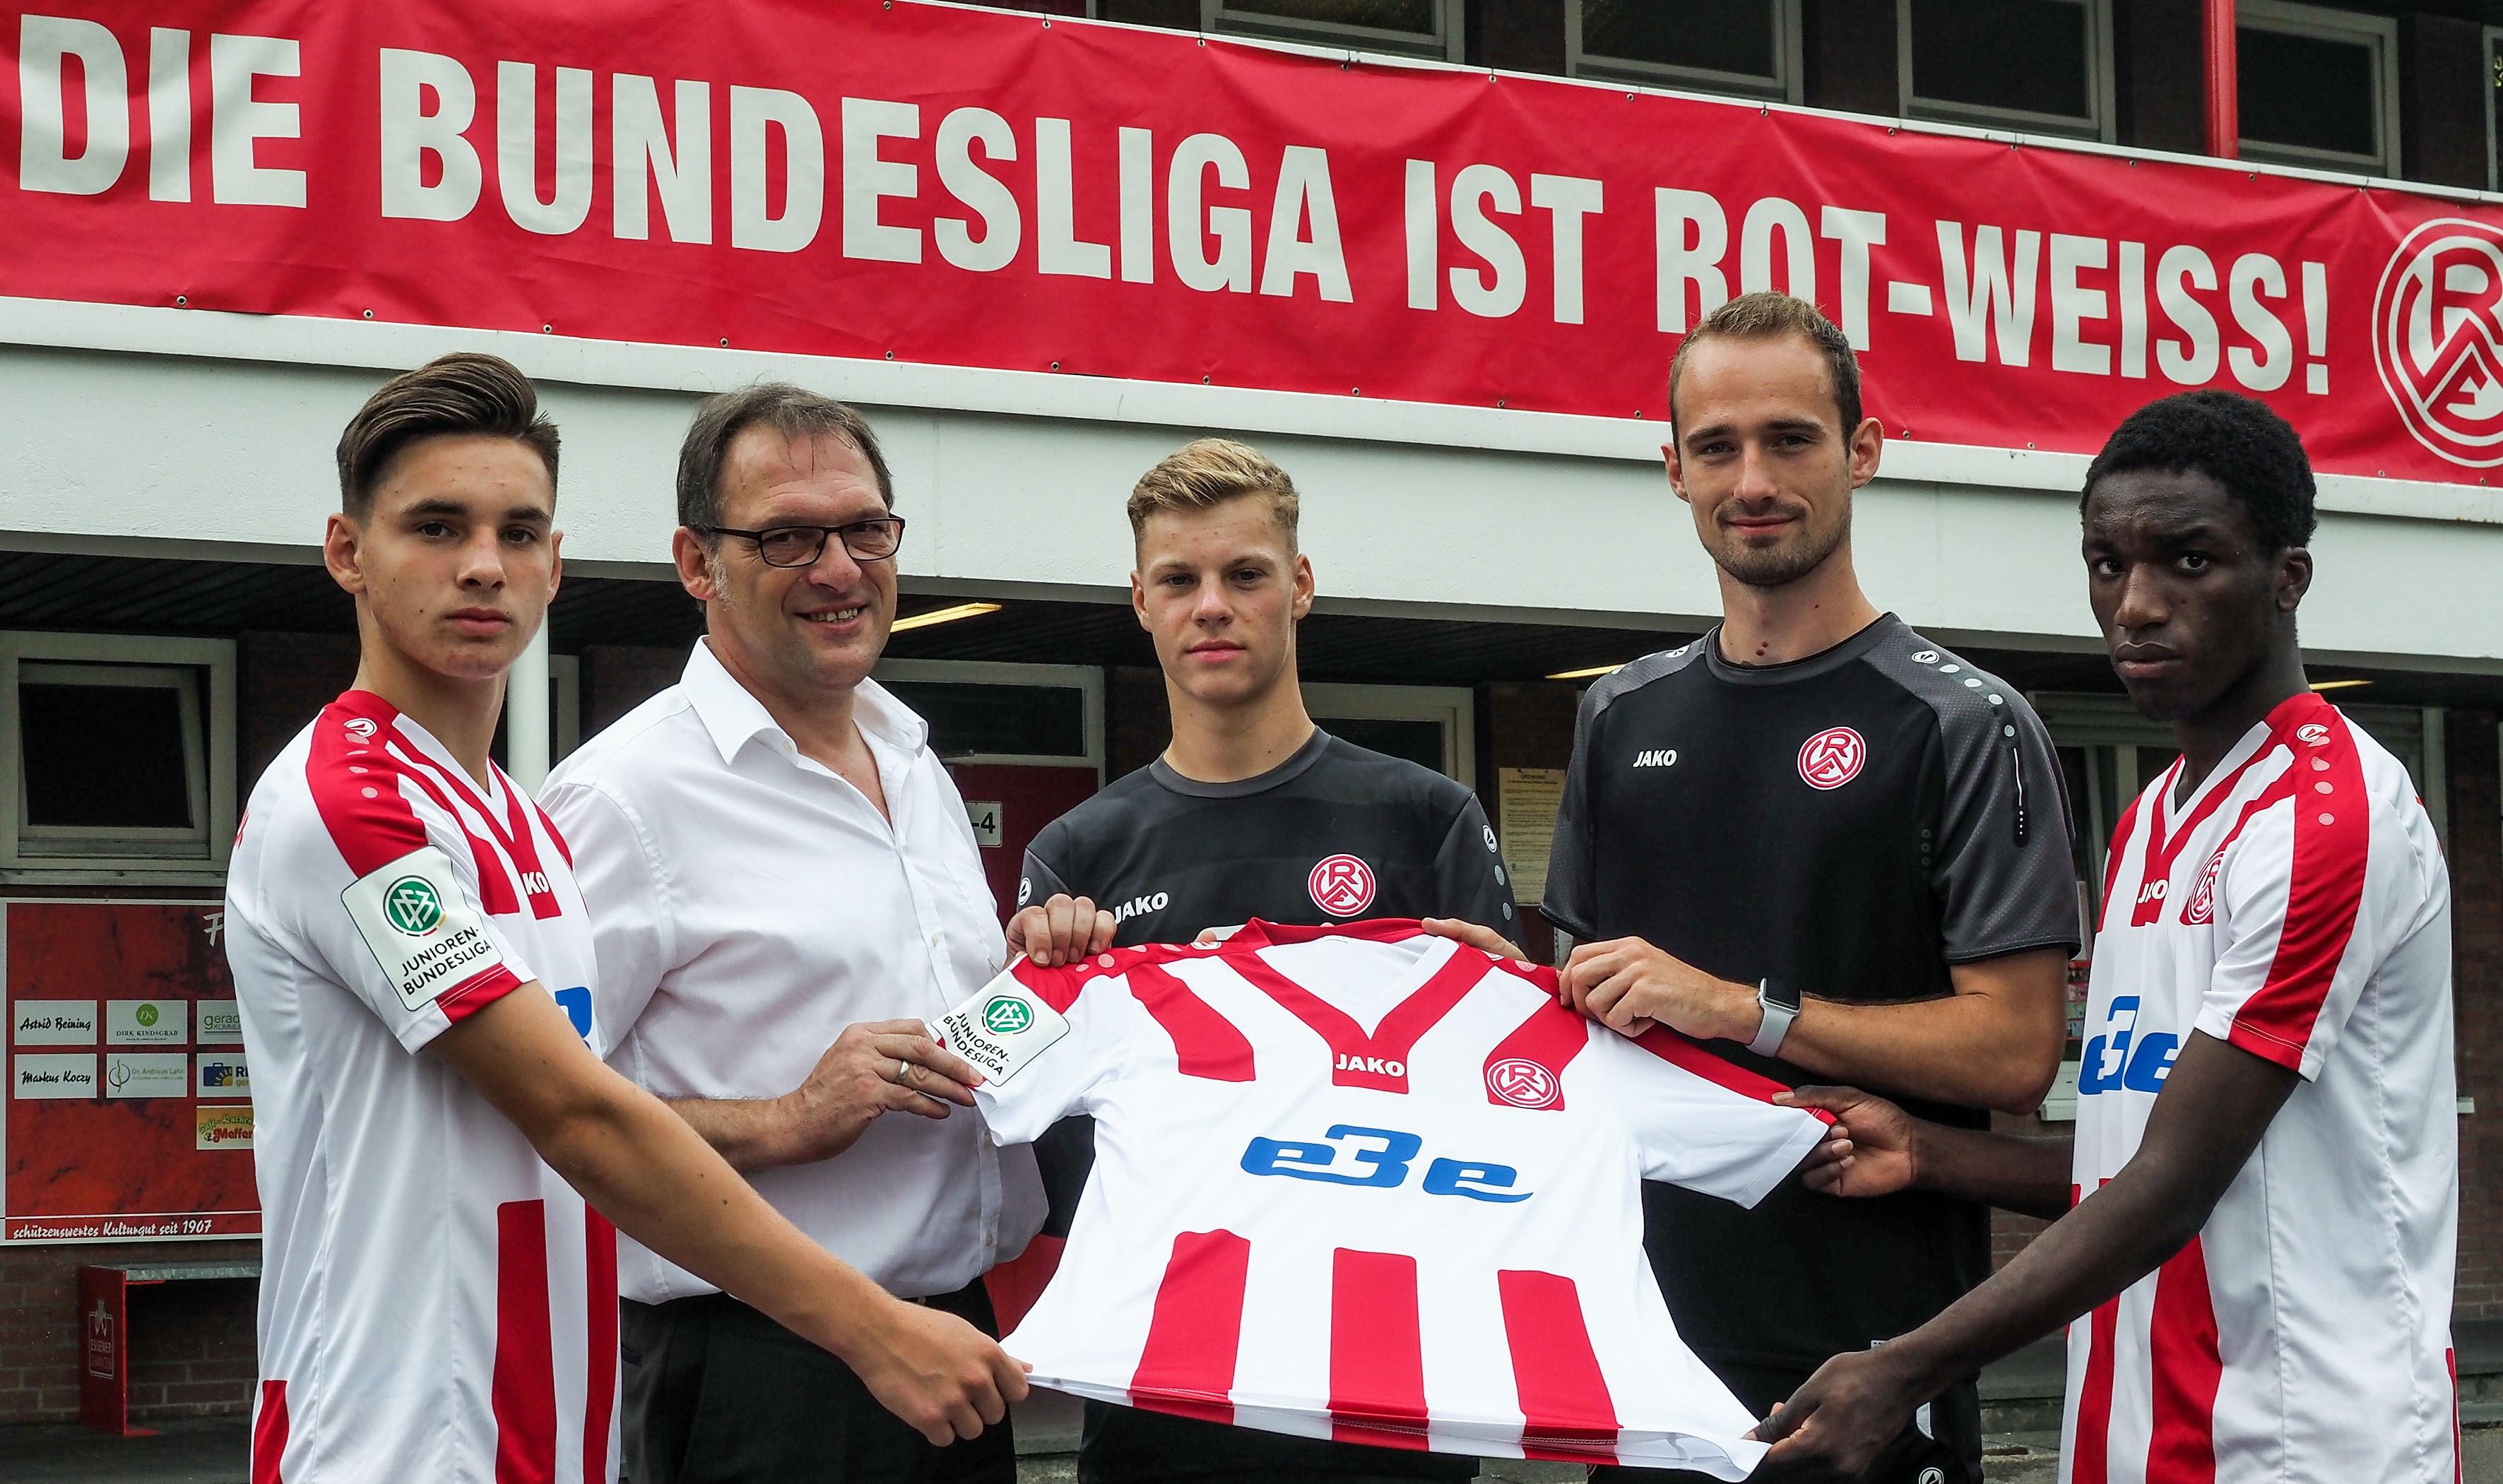 Starten am Samstag gemeinsam in die Saison: Uwe Unterseher-Herold (zweiter von links) und die EBE begleiten die rot-weisse Jugendabteilung um die U17 von Chef-Trainer Lars Fleischer (zweiter von rechts) in der anstehenden Spielzeit als Hauptsponsor.